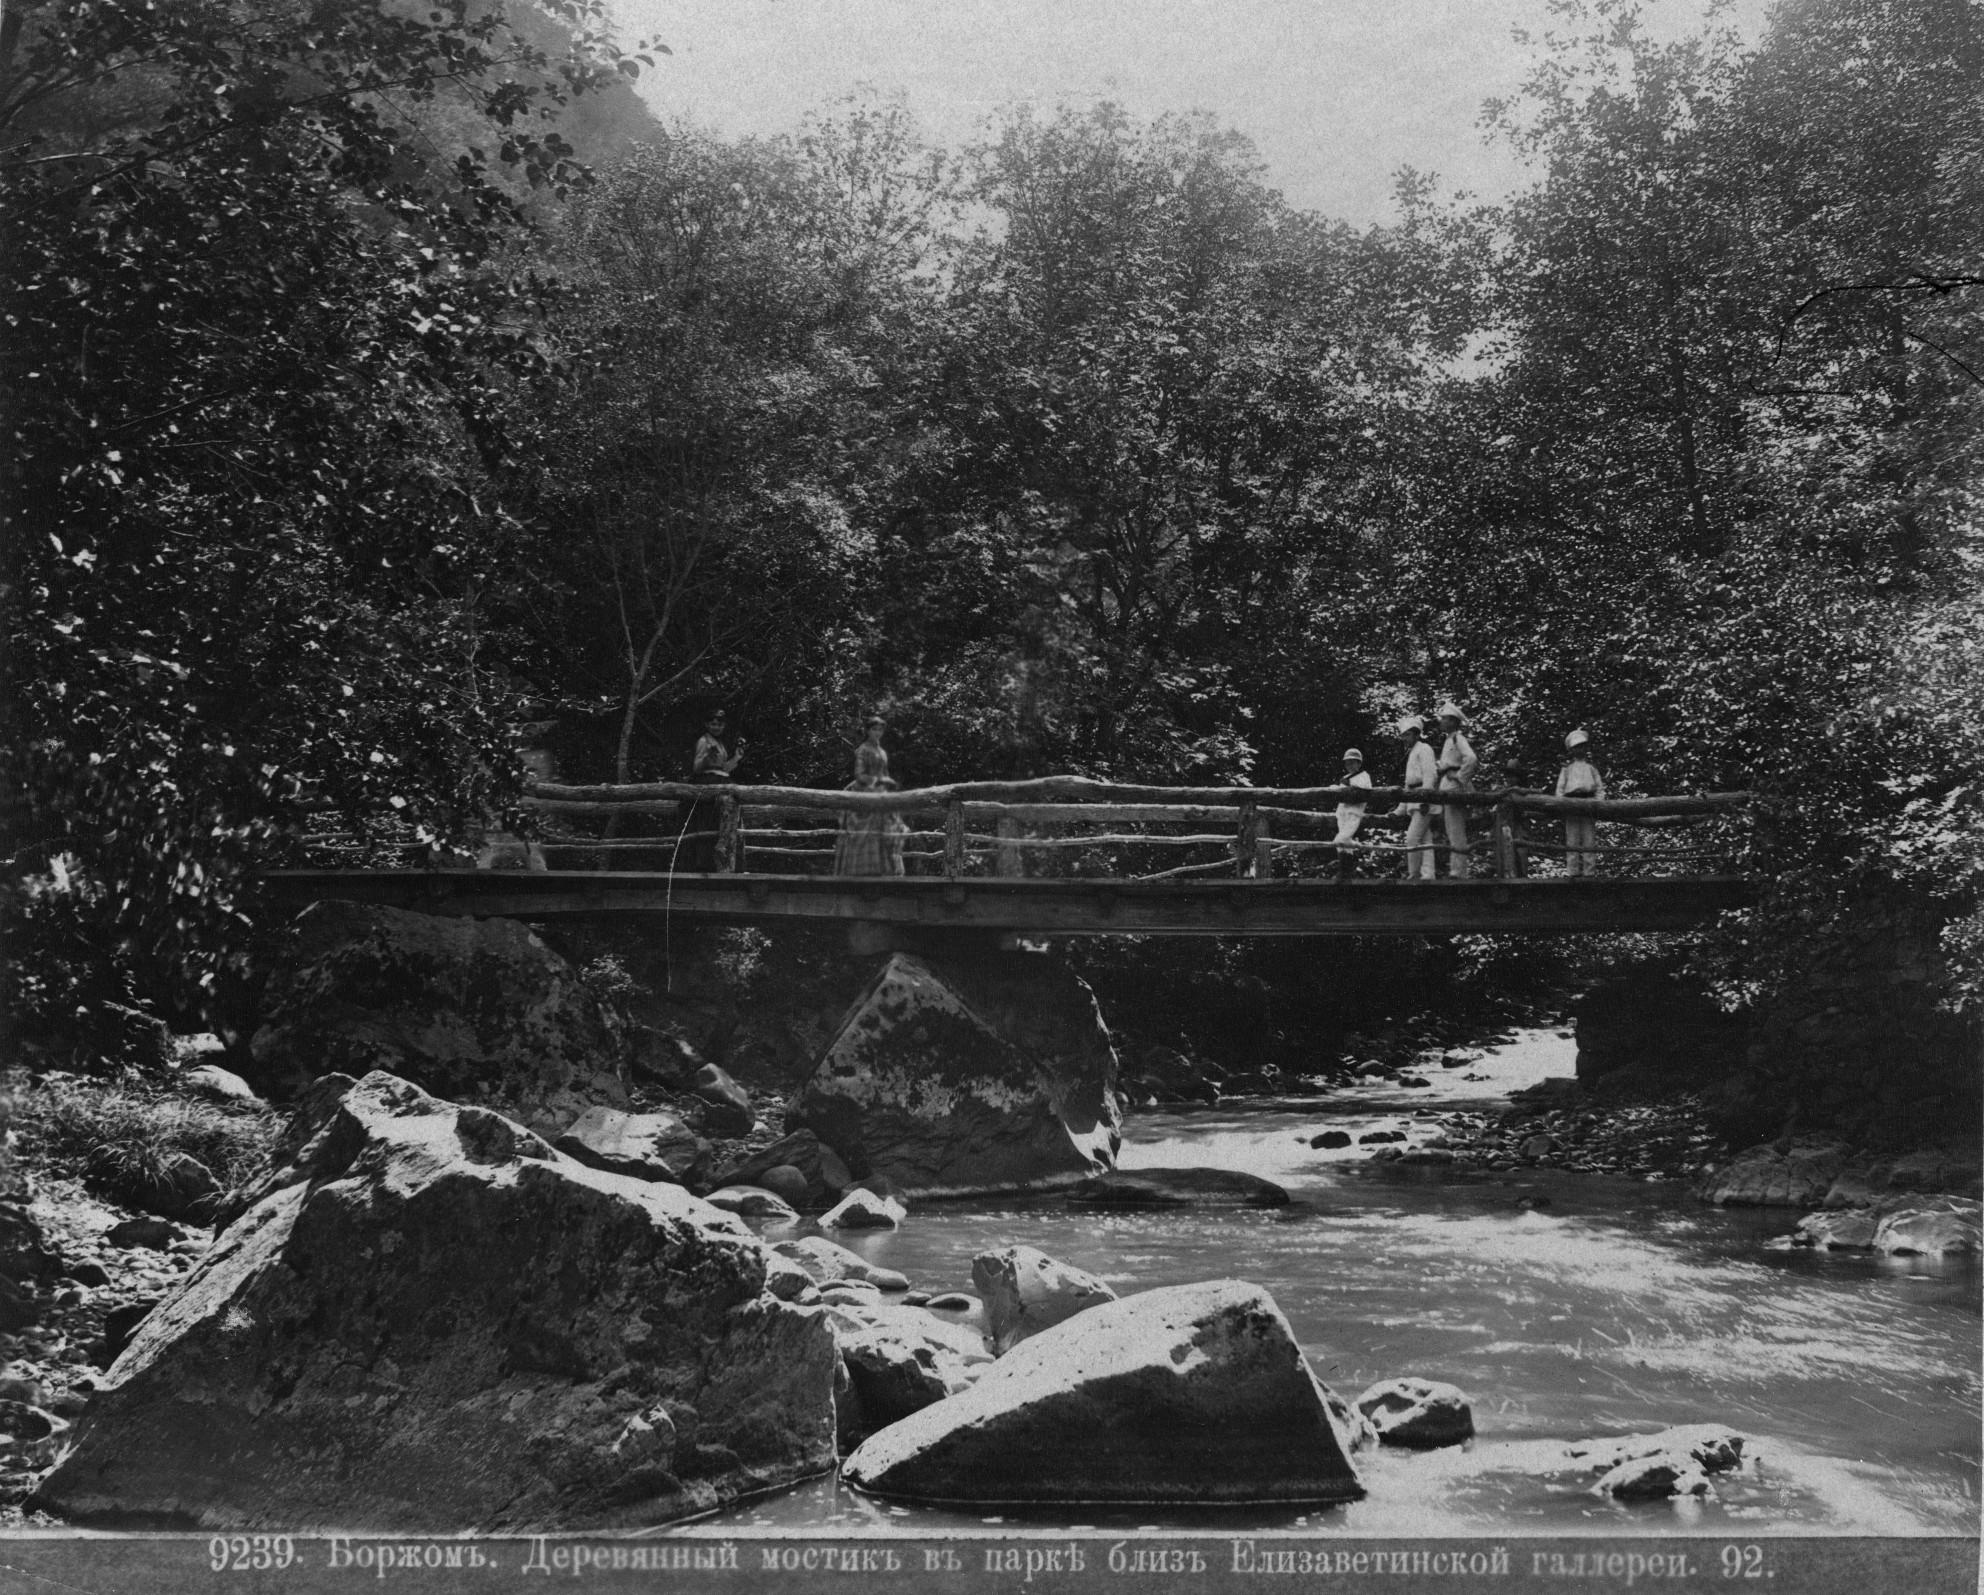 Деревянный мостик в парке близ Елизаветинской галереи